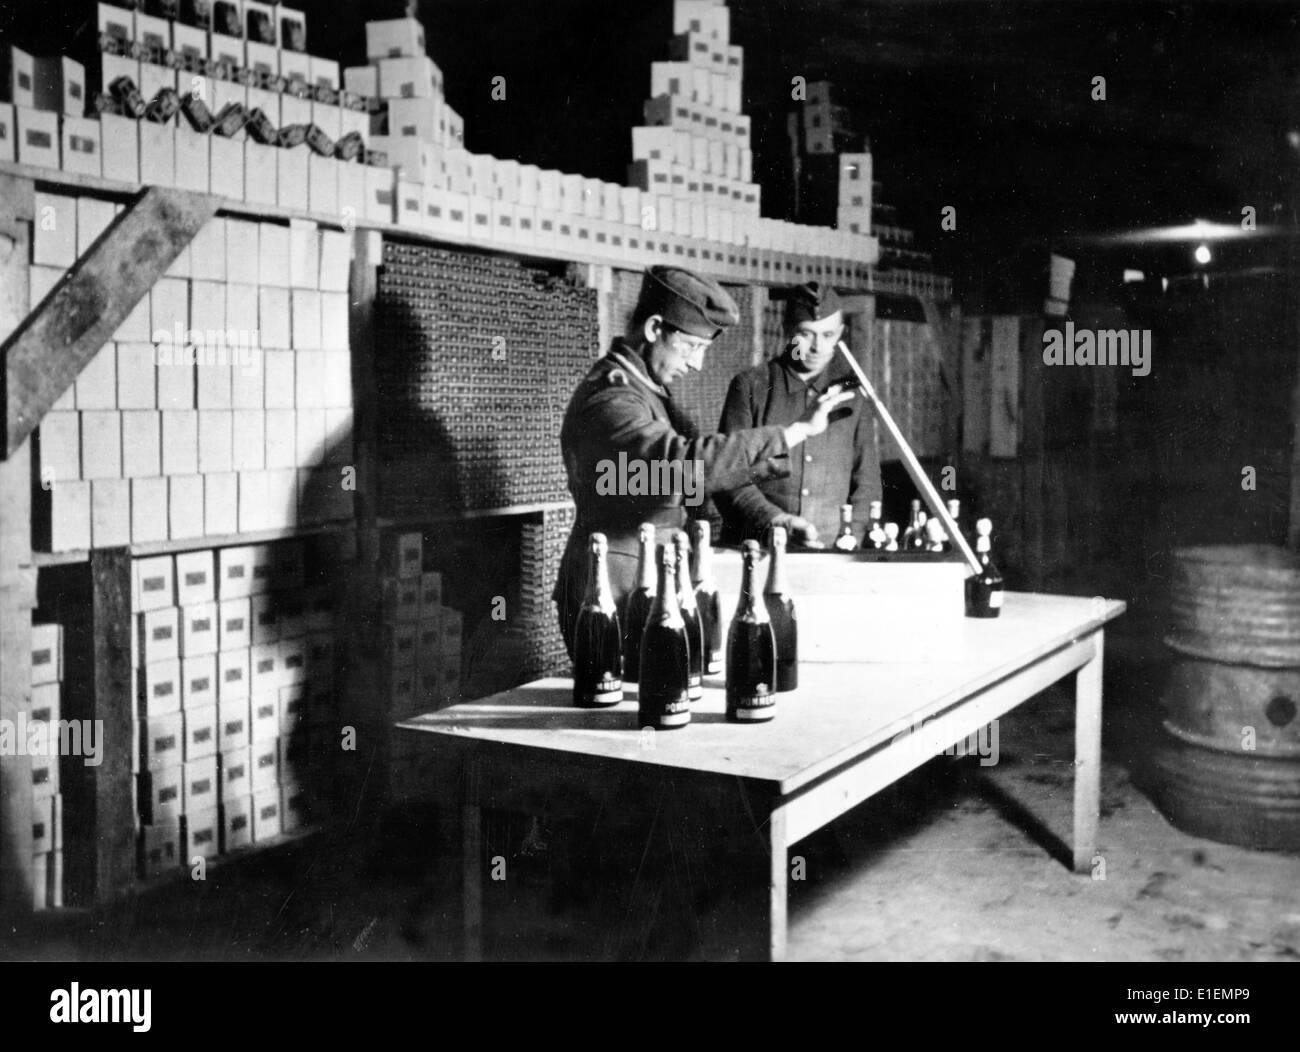 versorgungslager f r weihnachten pakete f r soldaten der deutschen wehrmacht an der ostfront f r. Black Bedroom Furniture Sets. Home Design Ideas